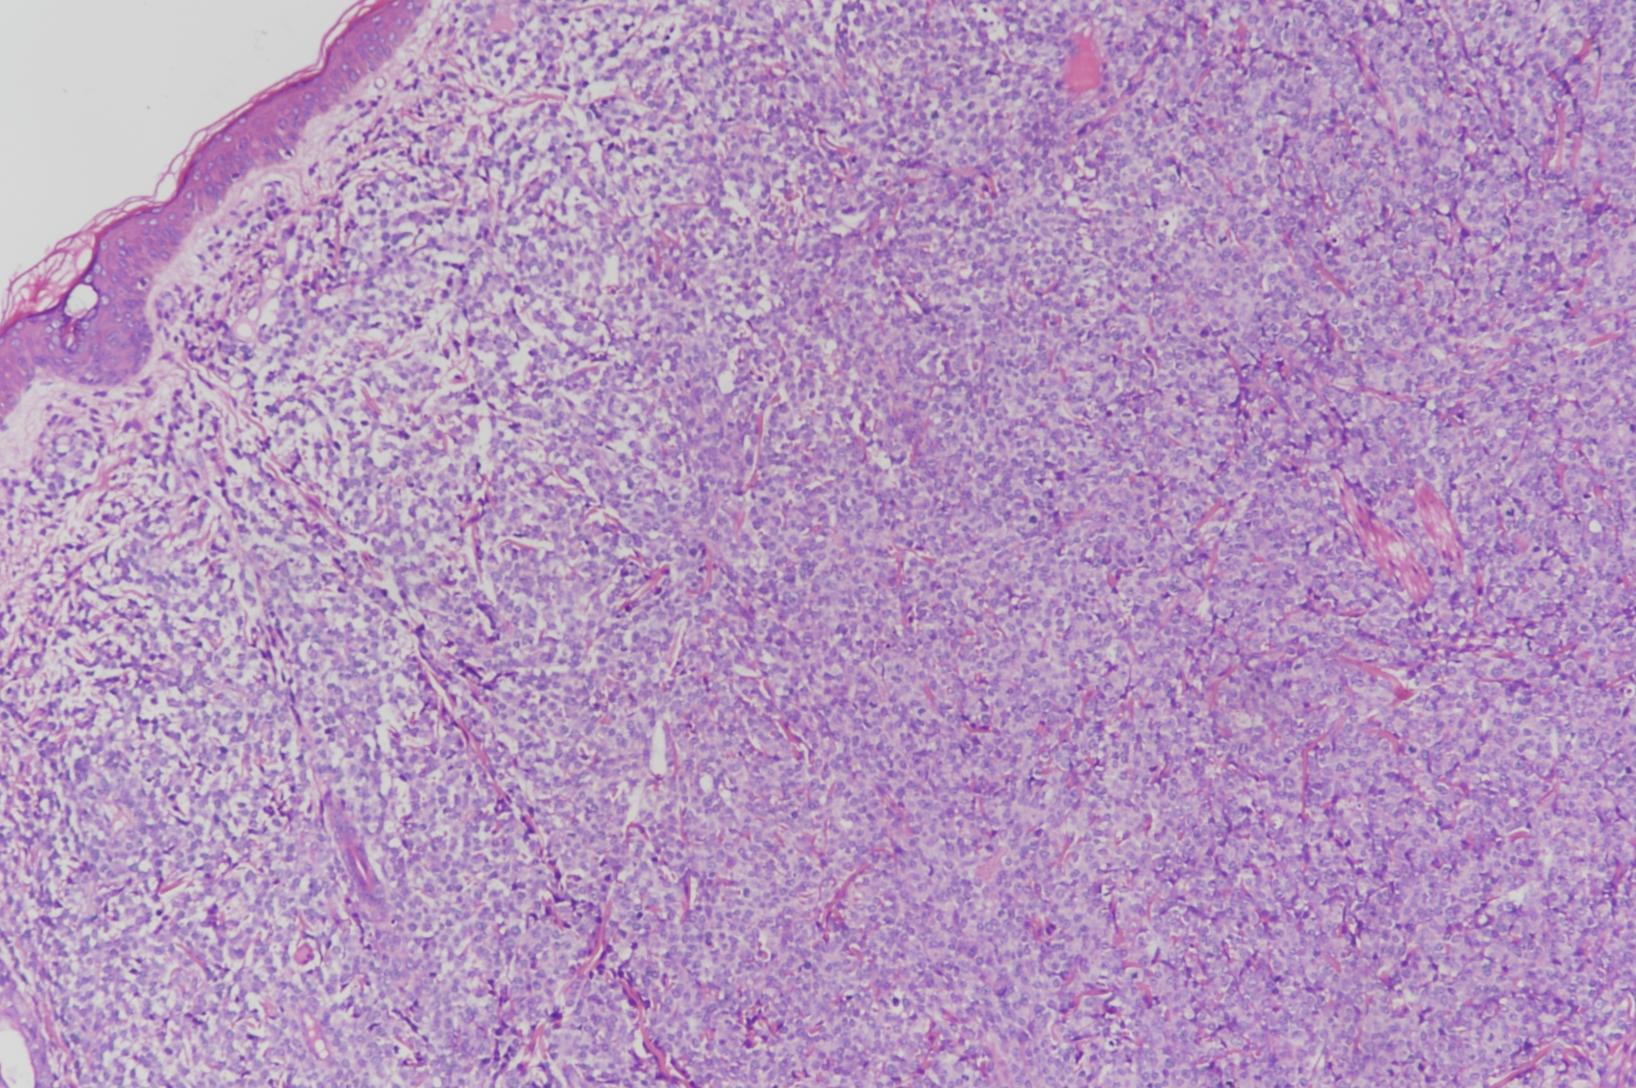 儿童髓系肉瘤的临床病理学特征